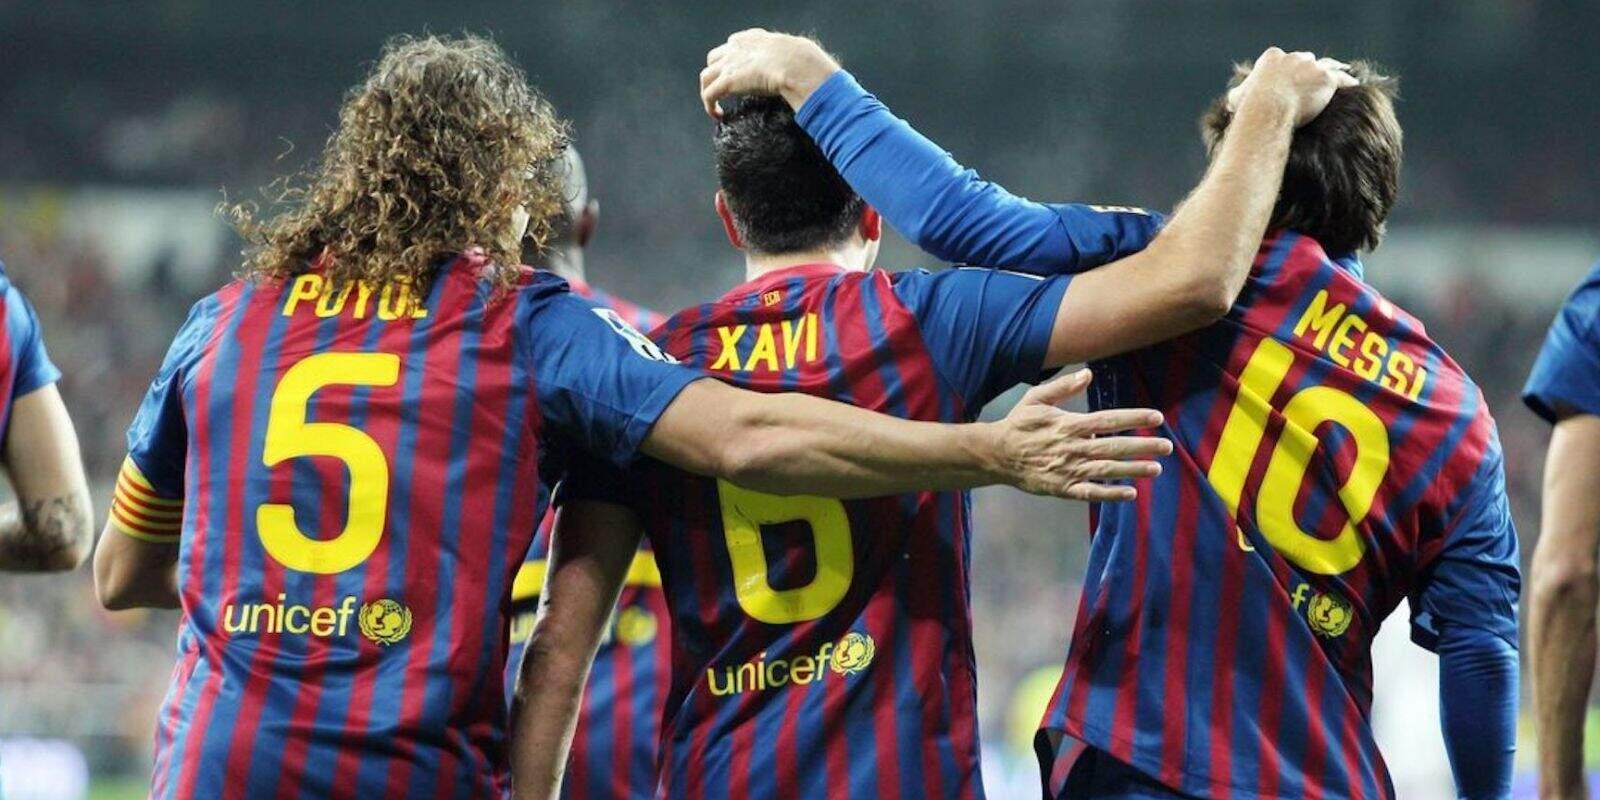 Puyol, Xavi i Messi, durant l'era Guardiola